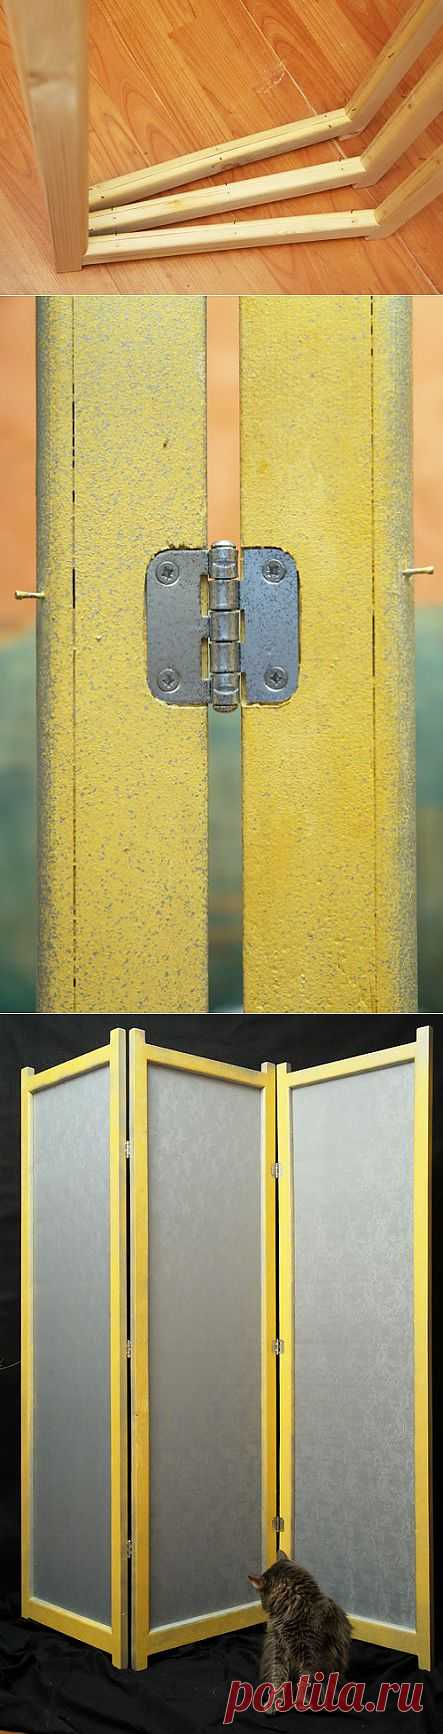 (+1) - Как сделать ширму: фоторепортаж | МАСТЕРА